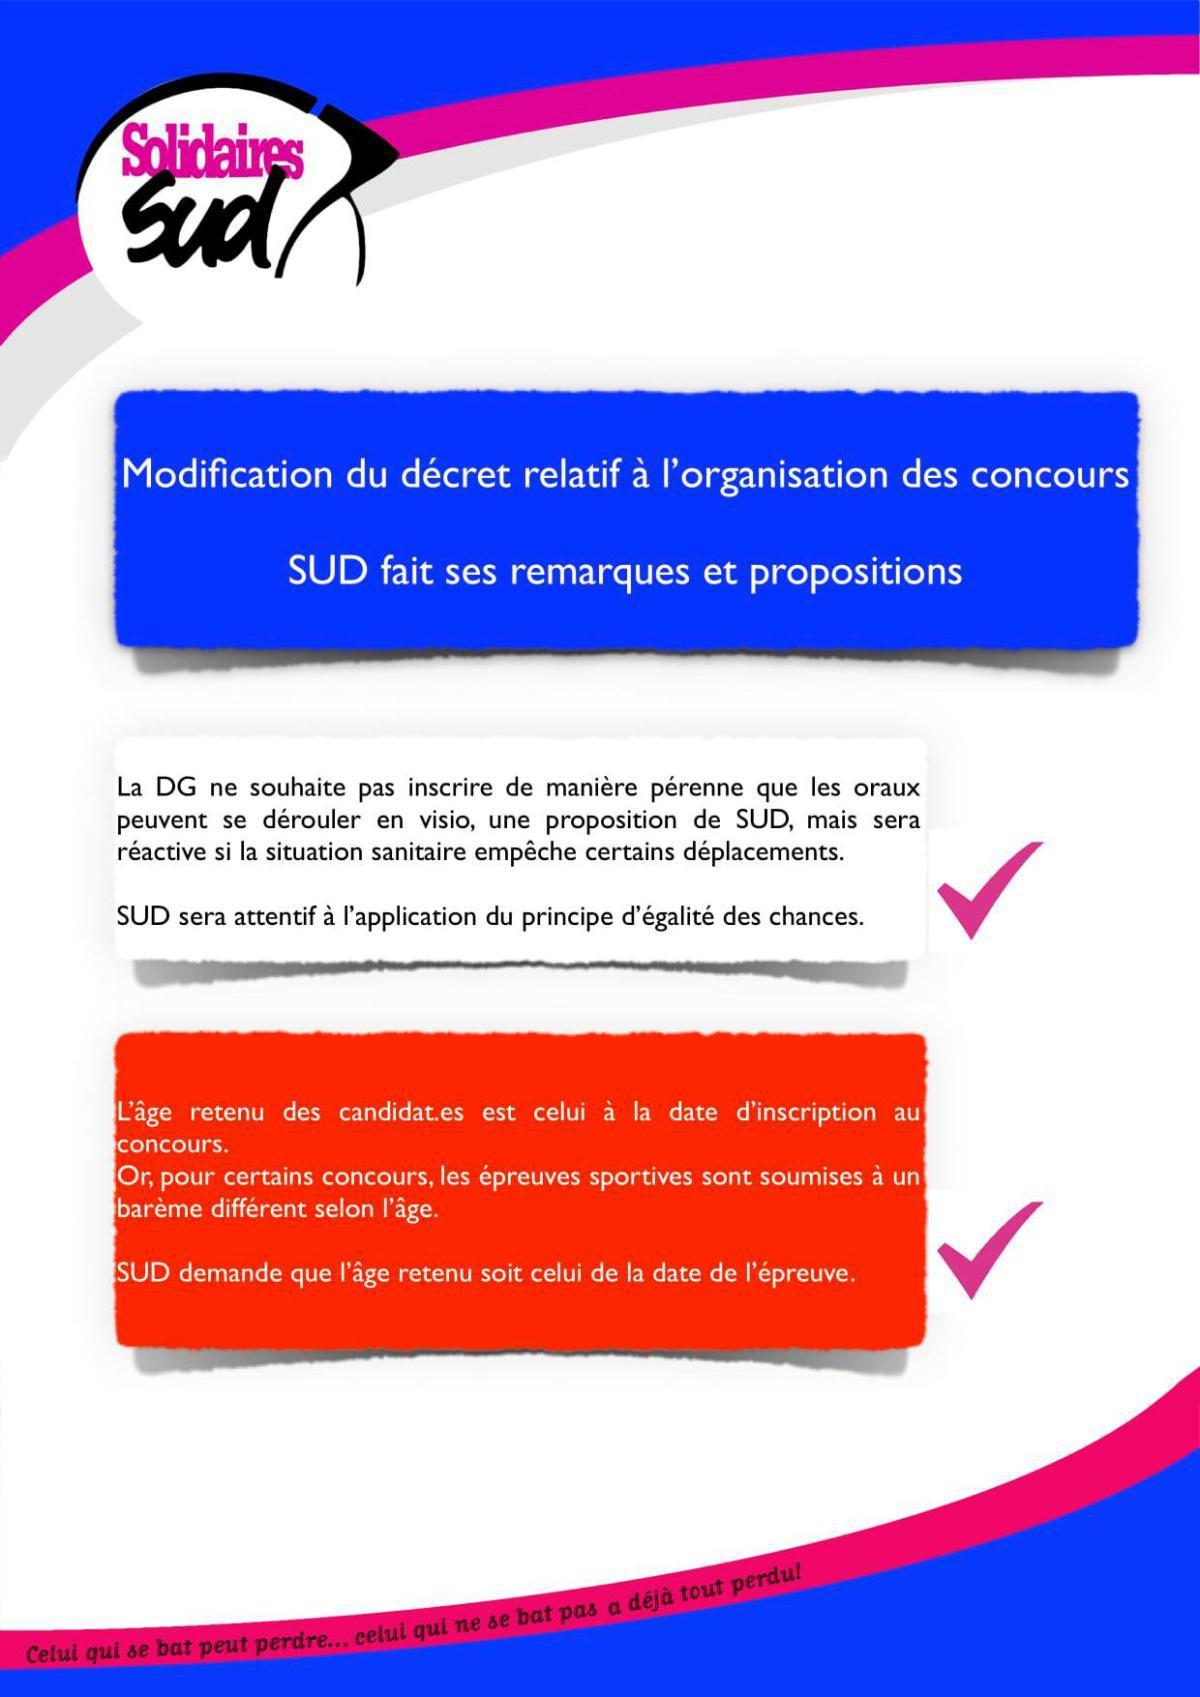 Modification du décret relatif à l'organisation des concours